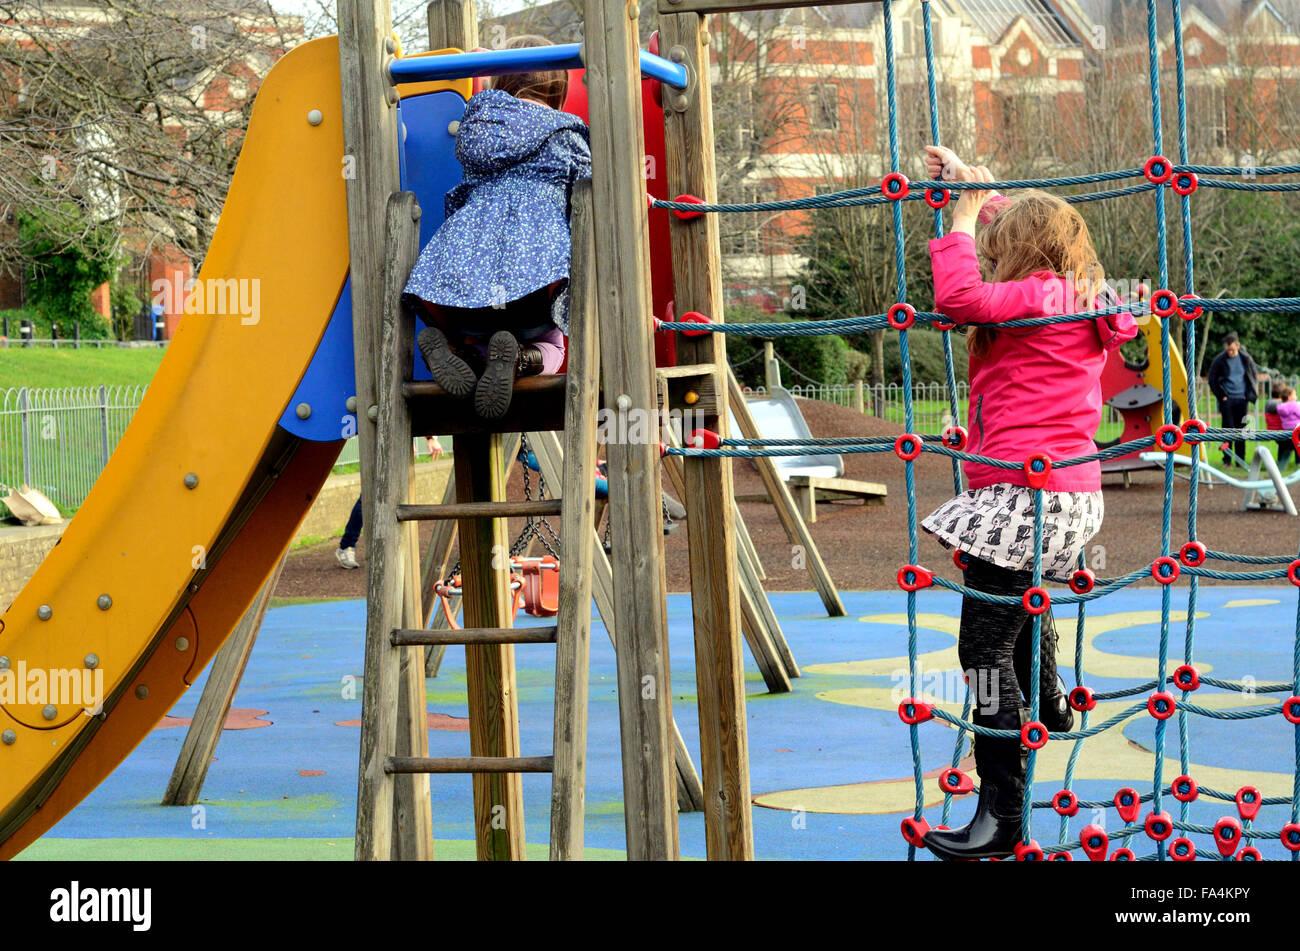 Klettergerüst Kinder Outdoor : Neues klettergerüst eingeweiht